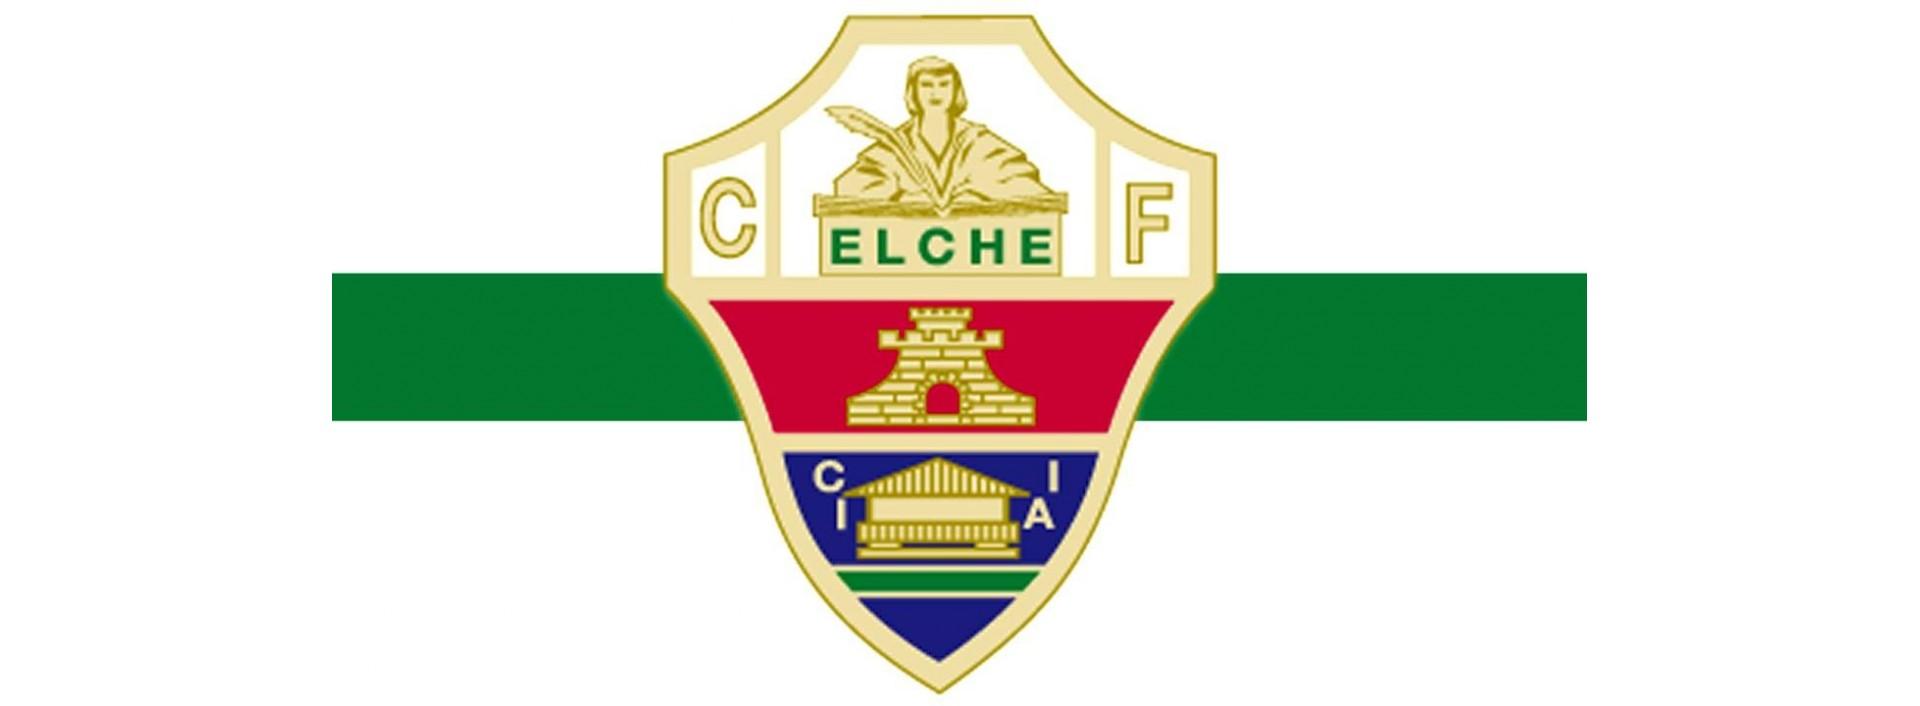 ELCHE CF